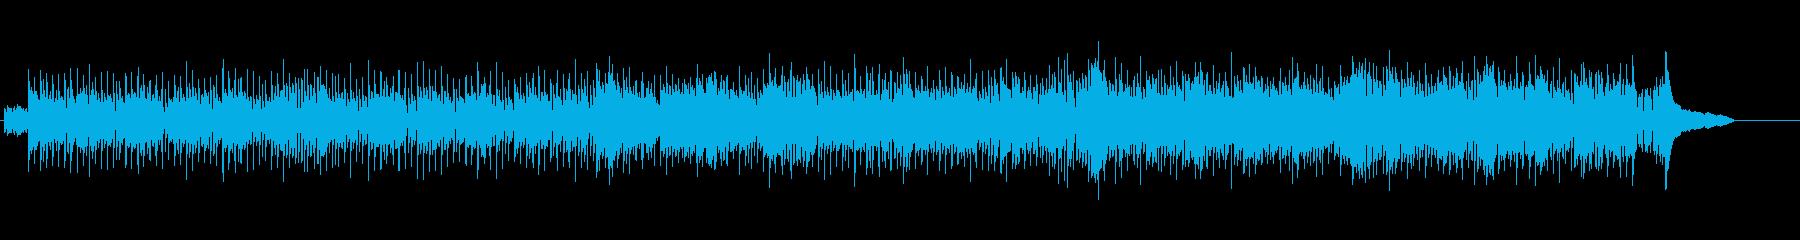 ホーン・セクションが際立つ手堅いR&Bの再生済みの波形